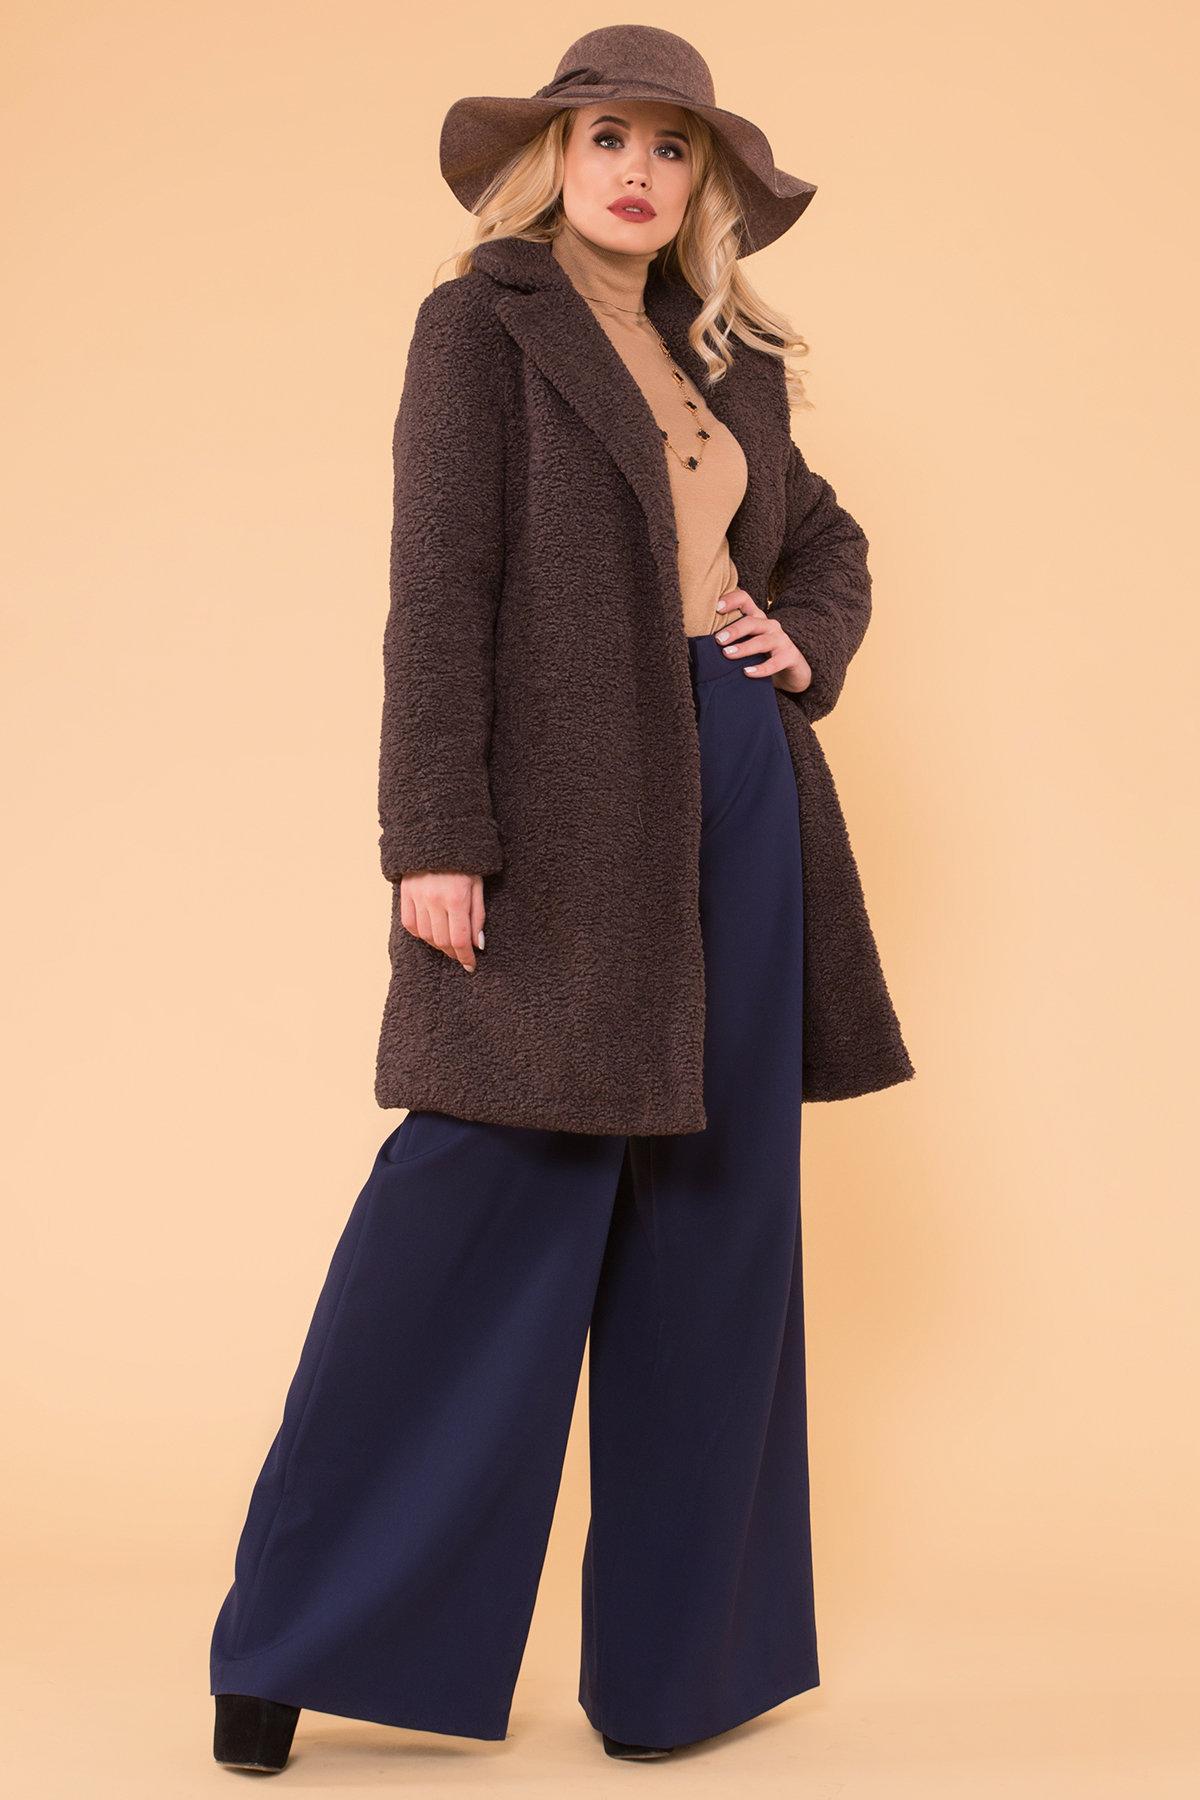 Пальто меховое зима Приора 6011 АРТ. 40971 Цвет: Шоколад - фото 3, интернет магазин tm-modus.ru